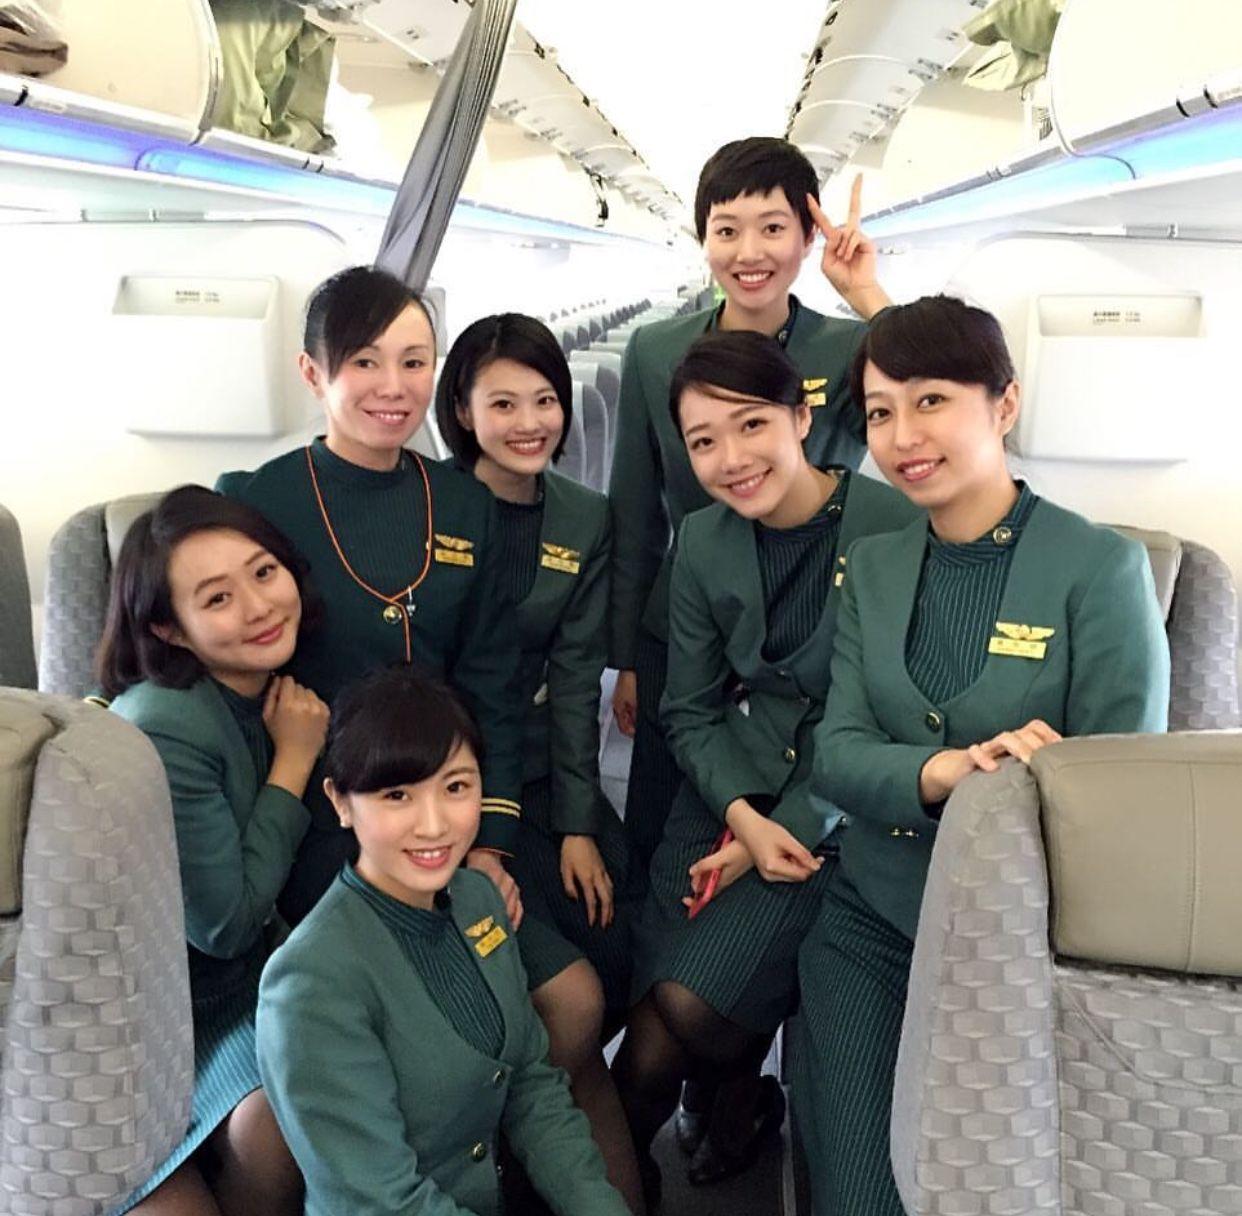 【台湾】エバー航空(長榮航空)客室乗務員旧制服/EVA Air cabin crew(Old uniform